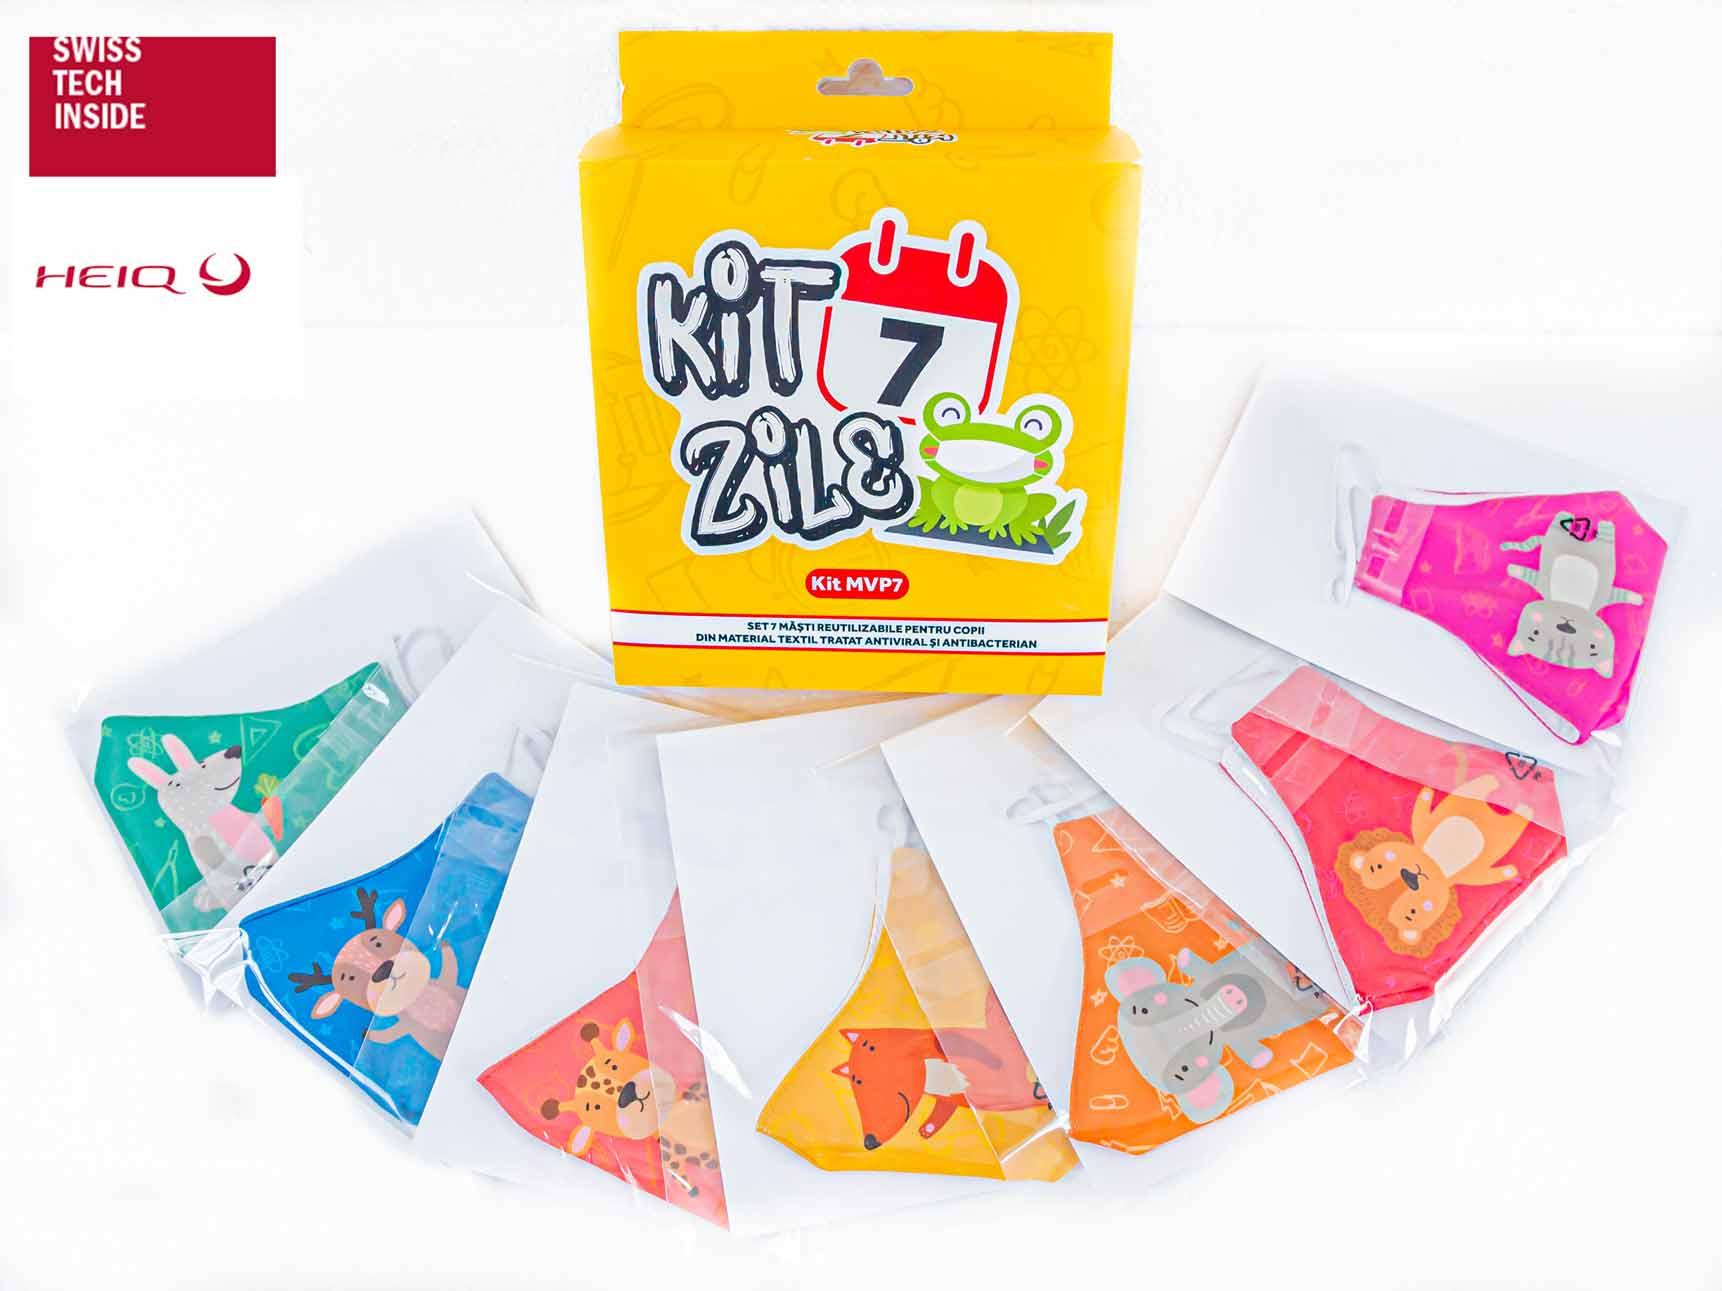 Kit 7 Zile Măști pentru copii - 134.99 LEI |  PRINTCENTER - Tipar digital, offset, indoor, outdoor